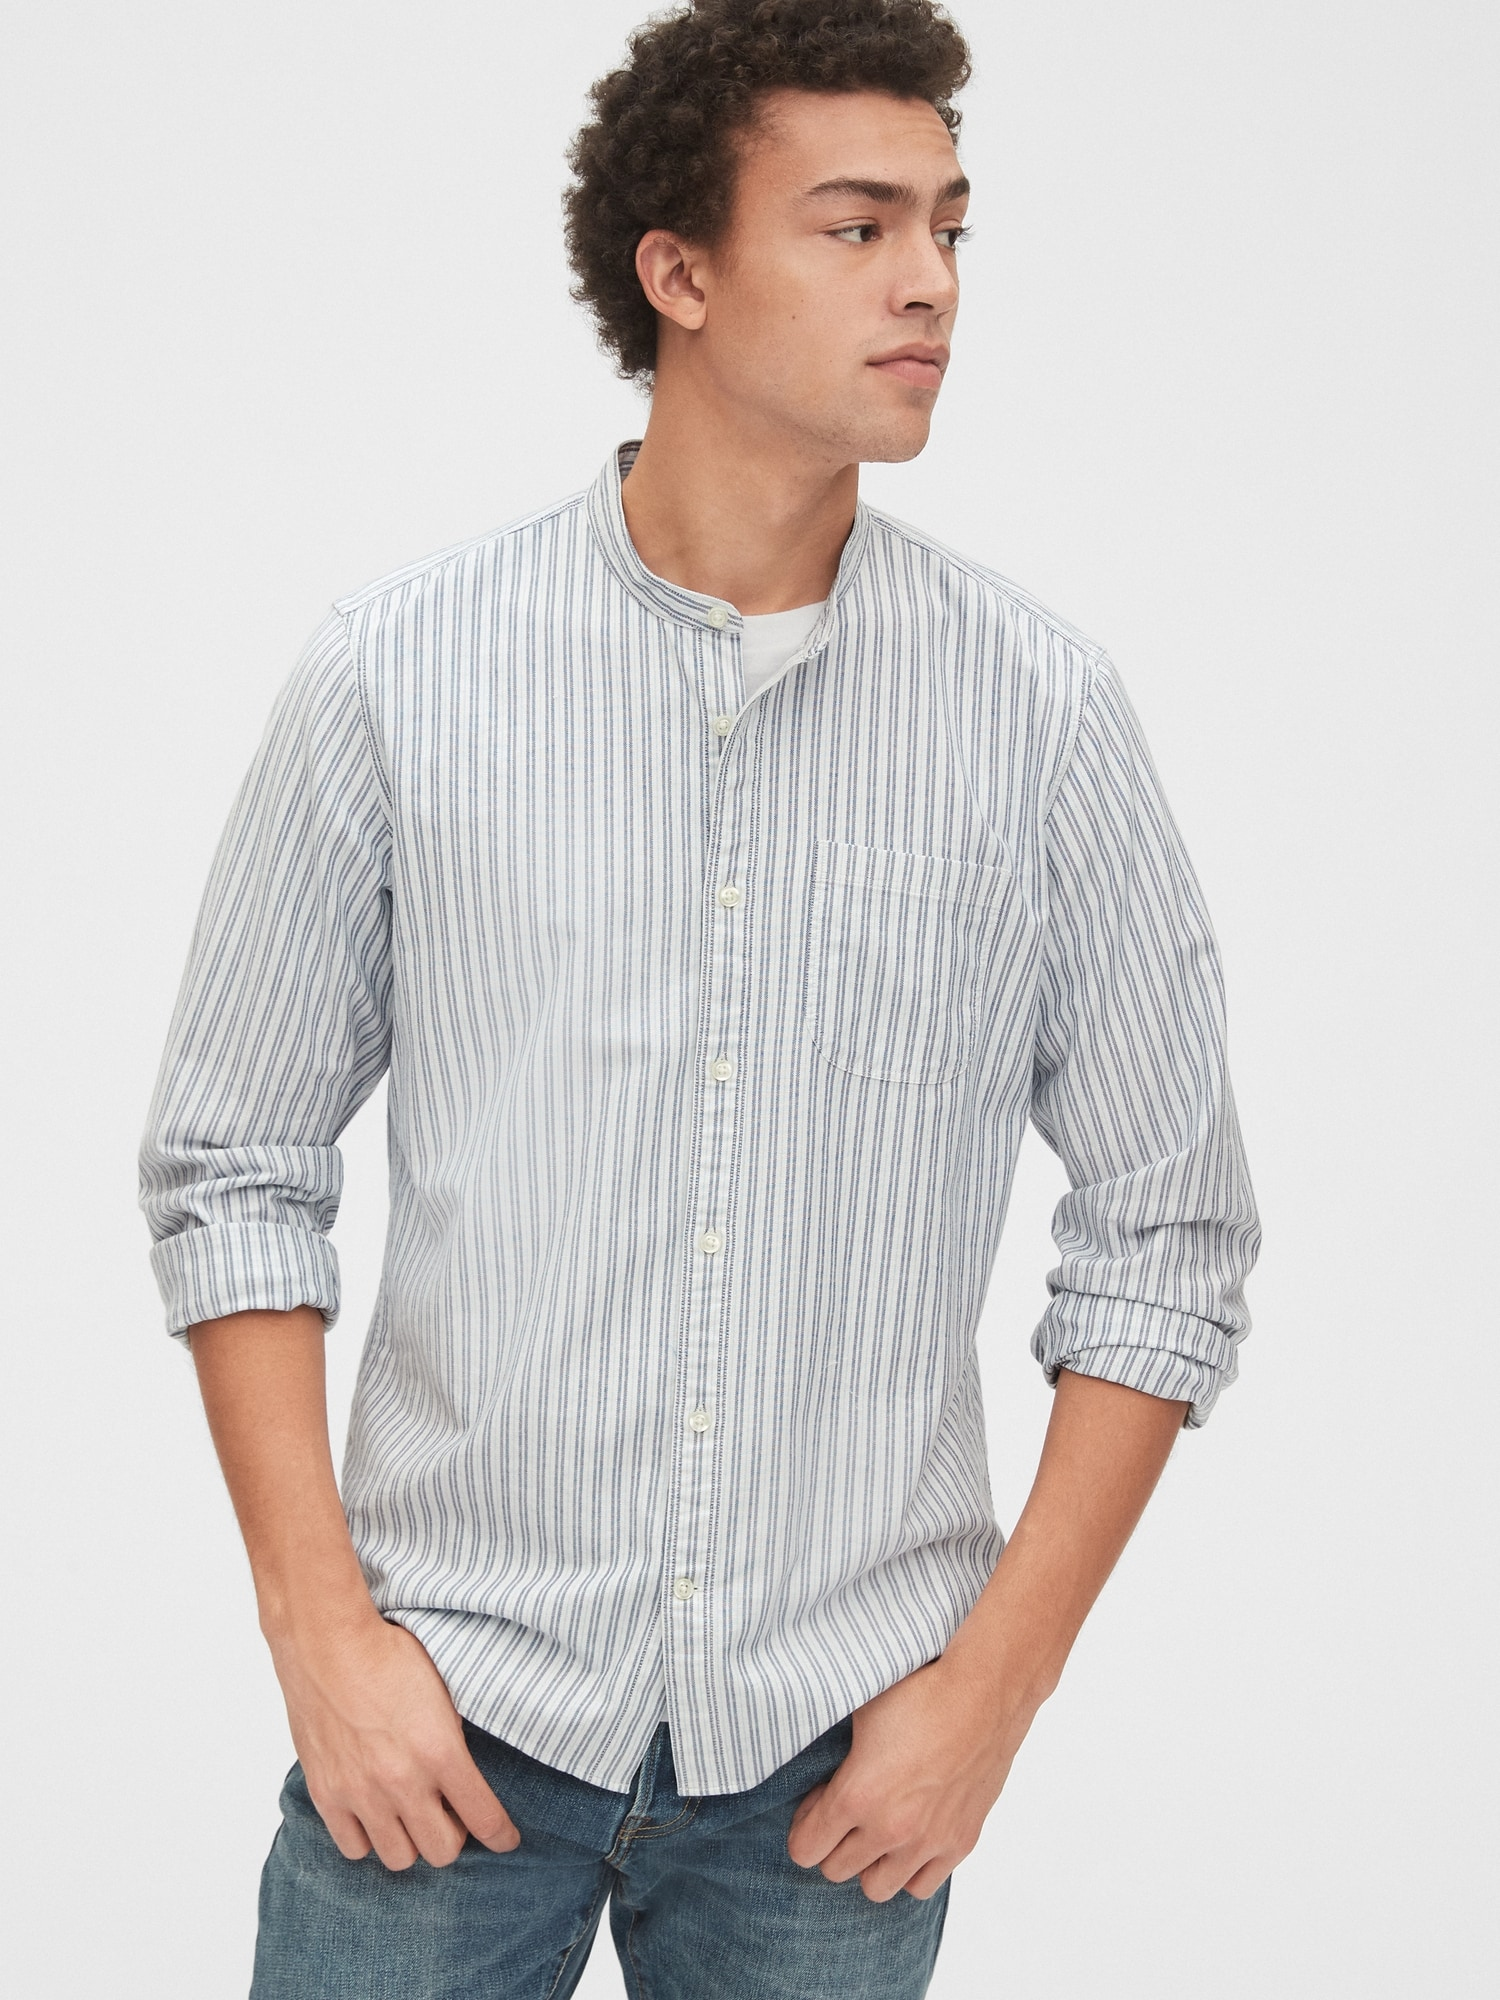 スタンダードフィット リブインストレッチ バンドカラーシャツ